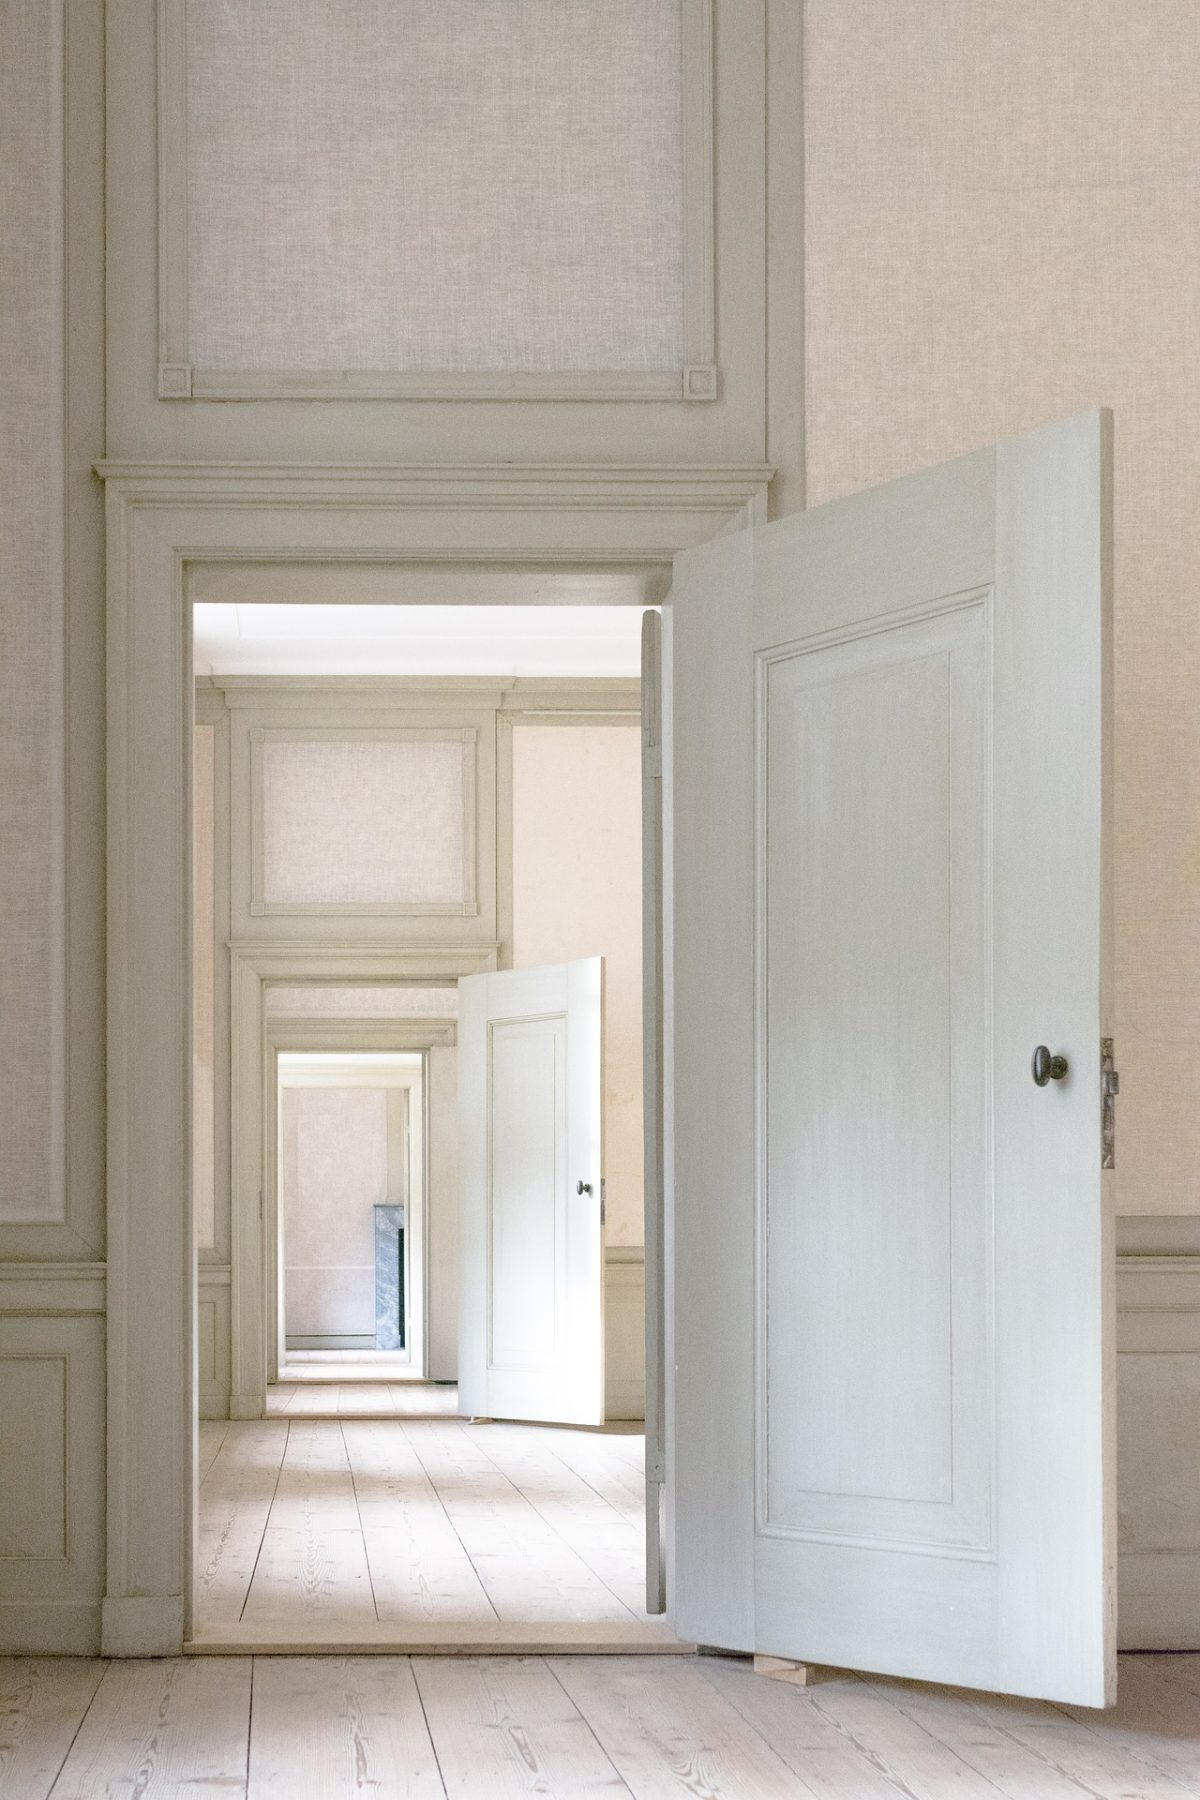 Benefits Of Installing A Door Closer Hinge